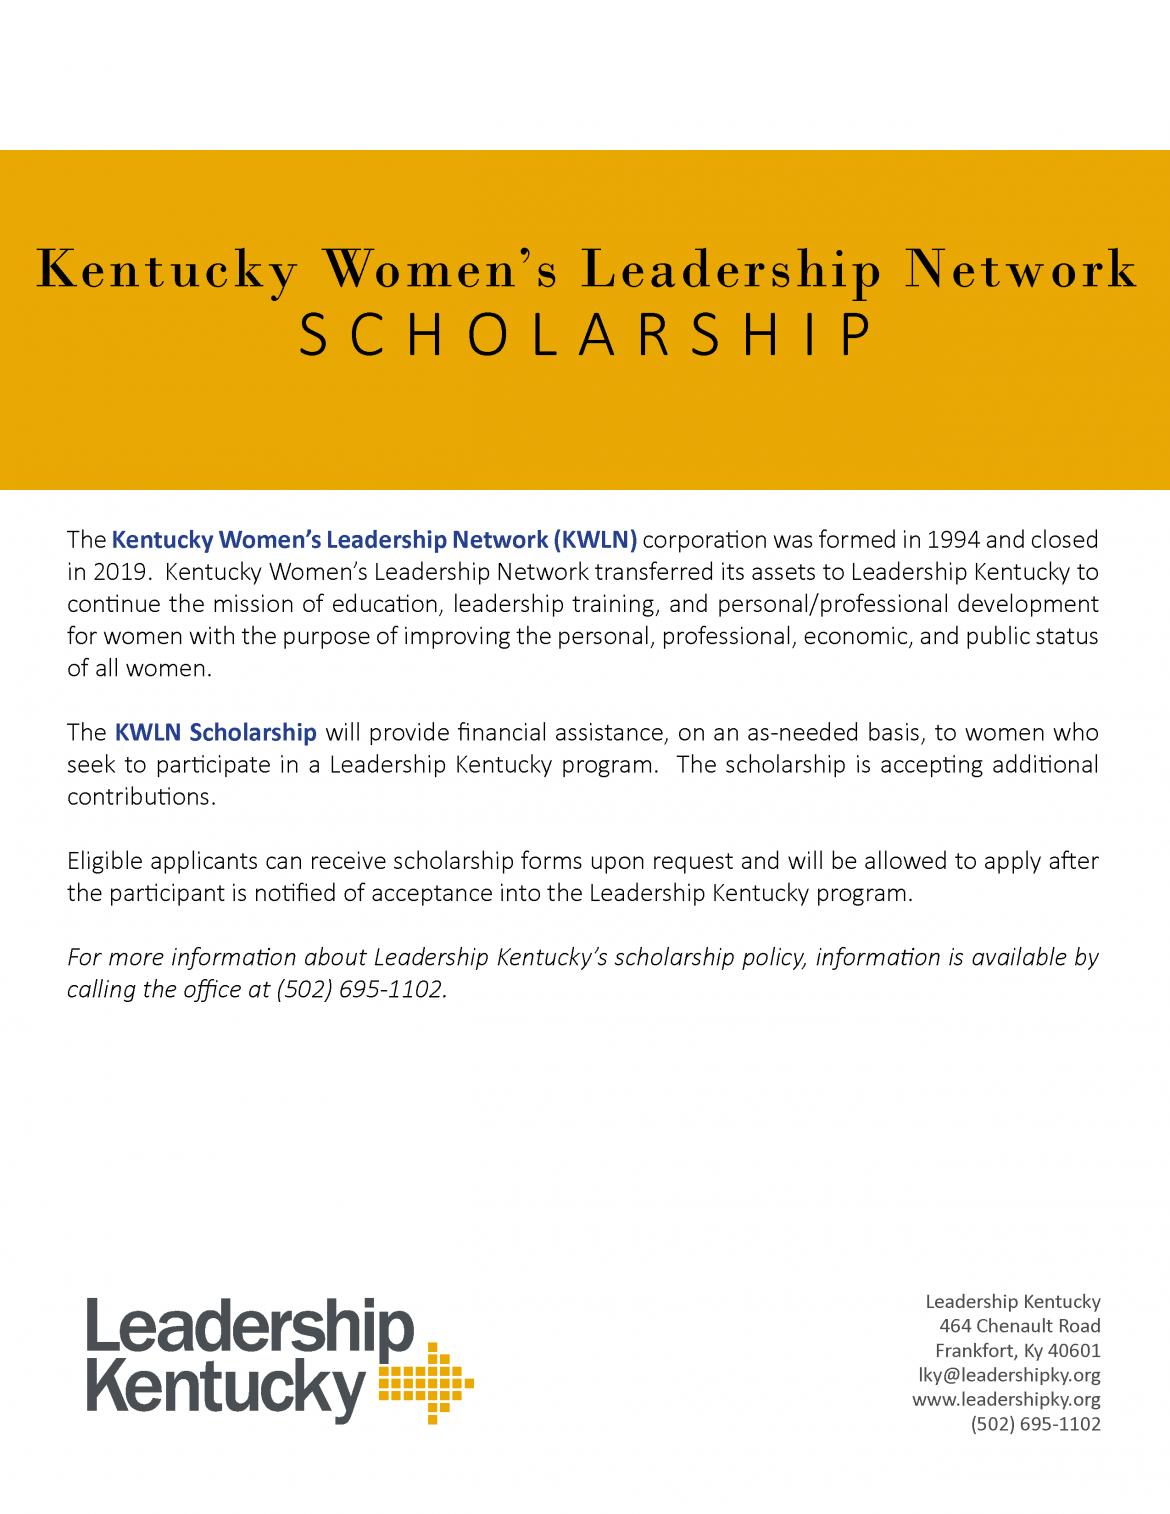 KWLN Scholarship